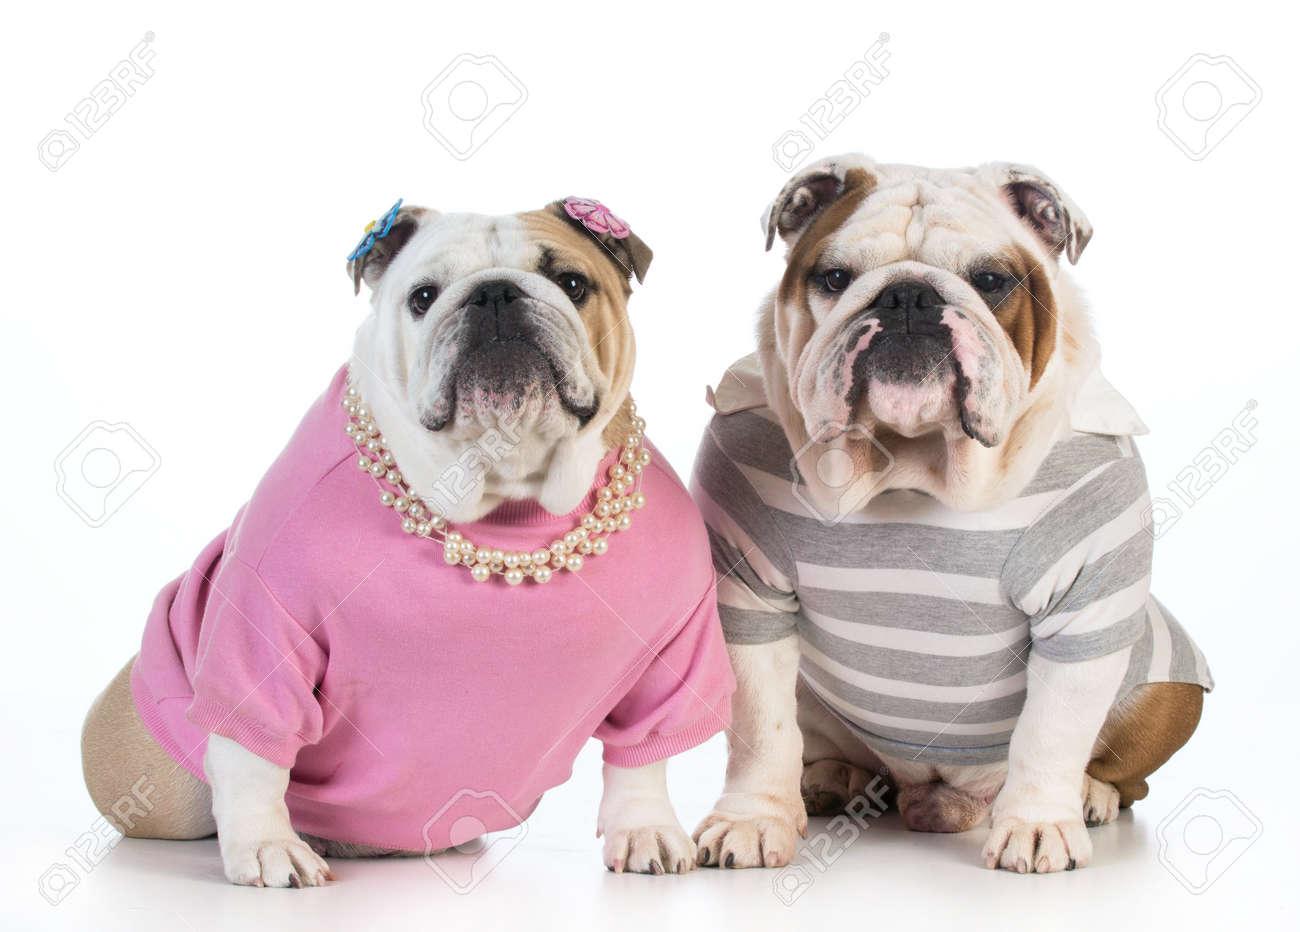 Complètement et à l'extrême Couple Chien - Bulldog Anglais Mâle Et Femelle Vêtus De Vêtements &GP_33